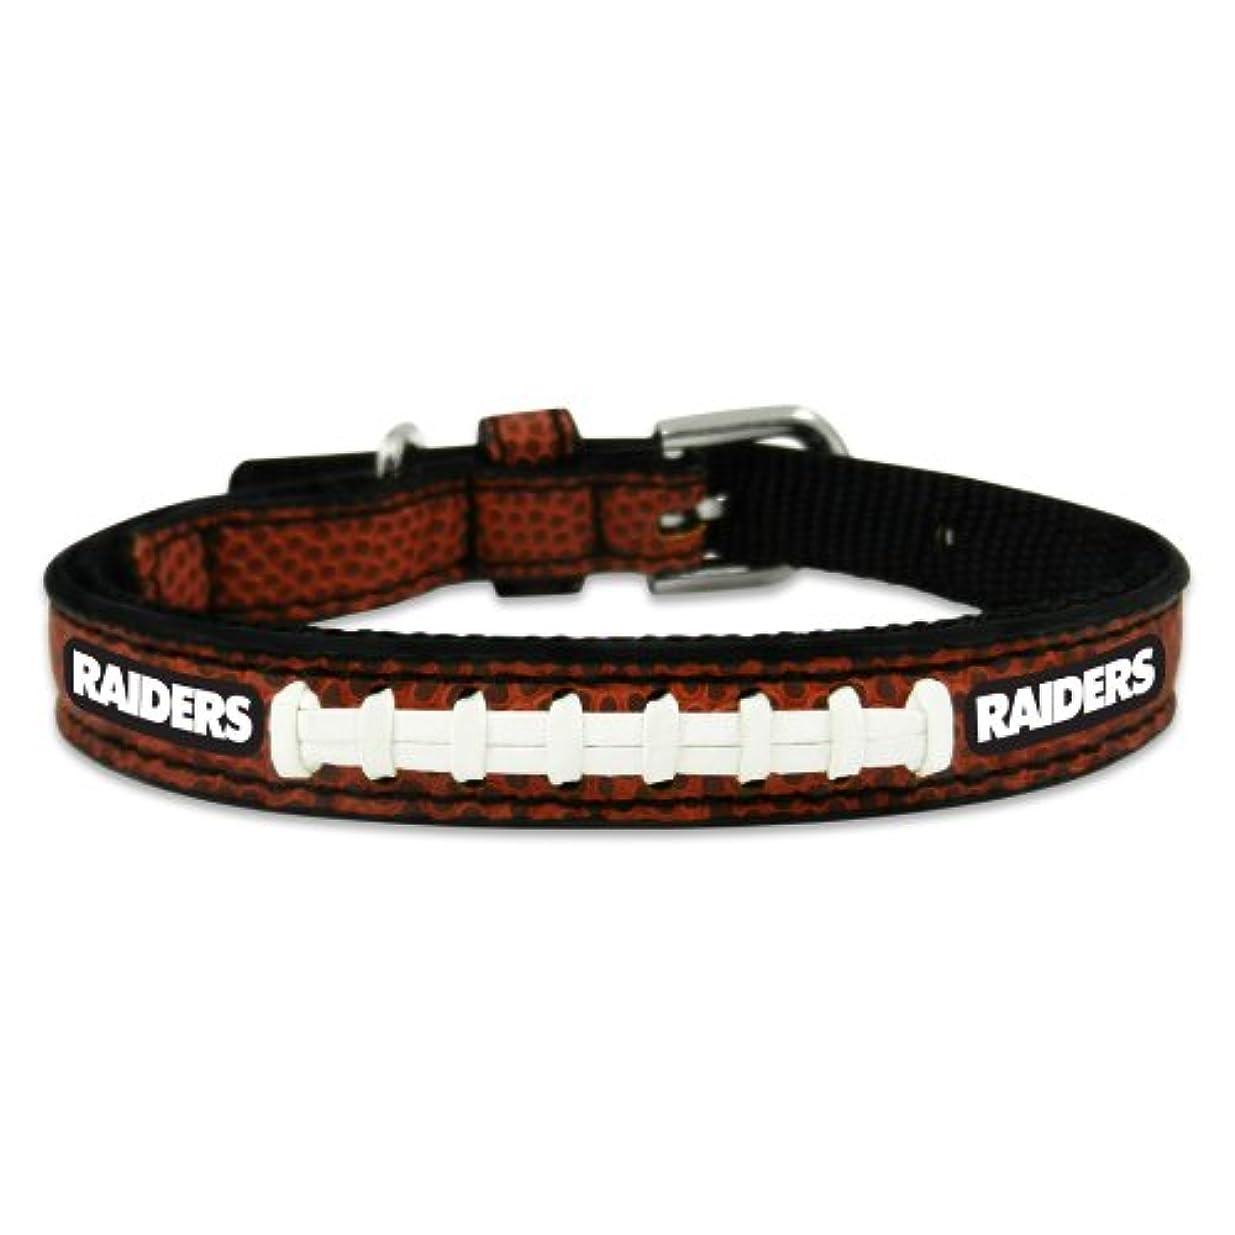 ポーチ待って苦悩Oakland Raiders Classic Leather Toy Football Collar